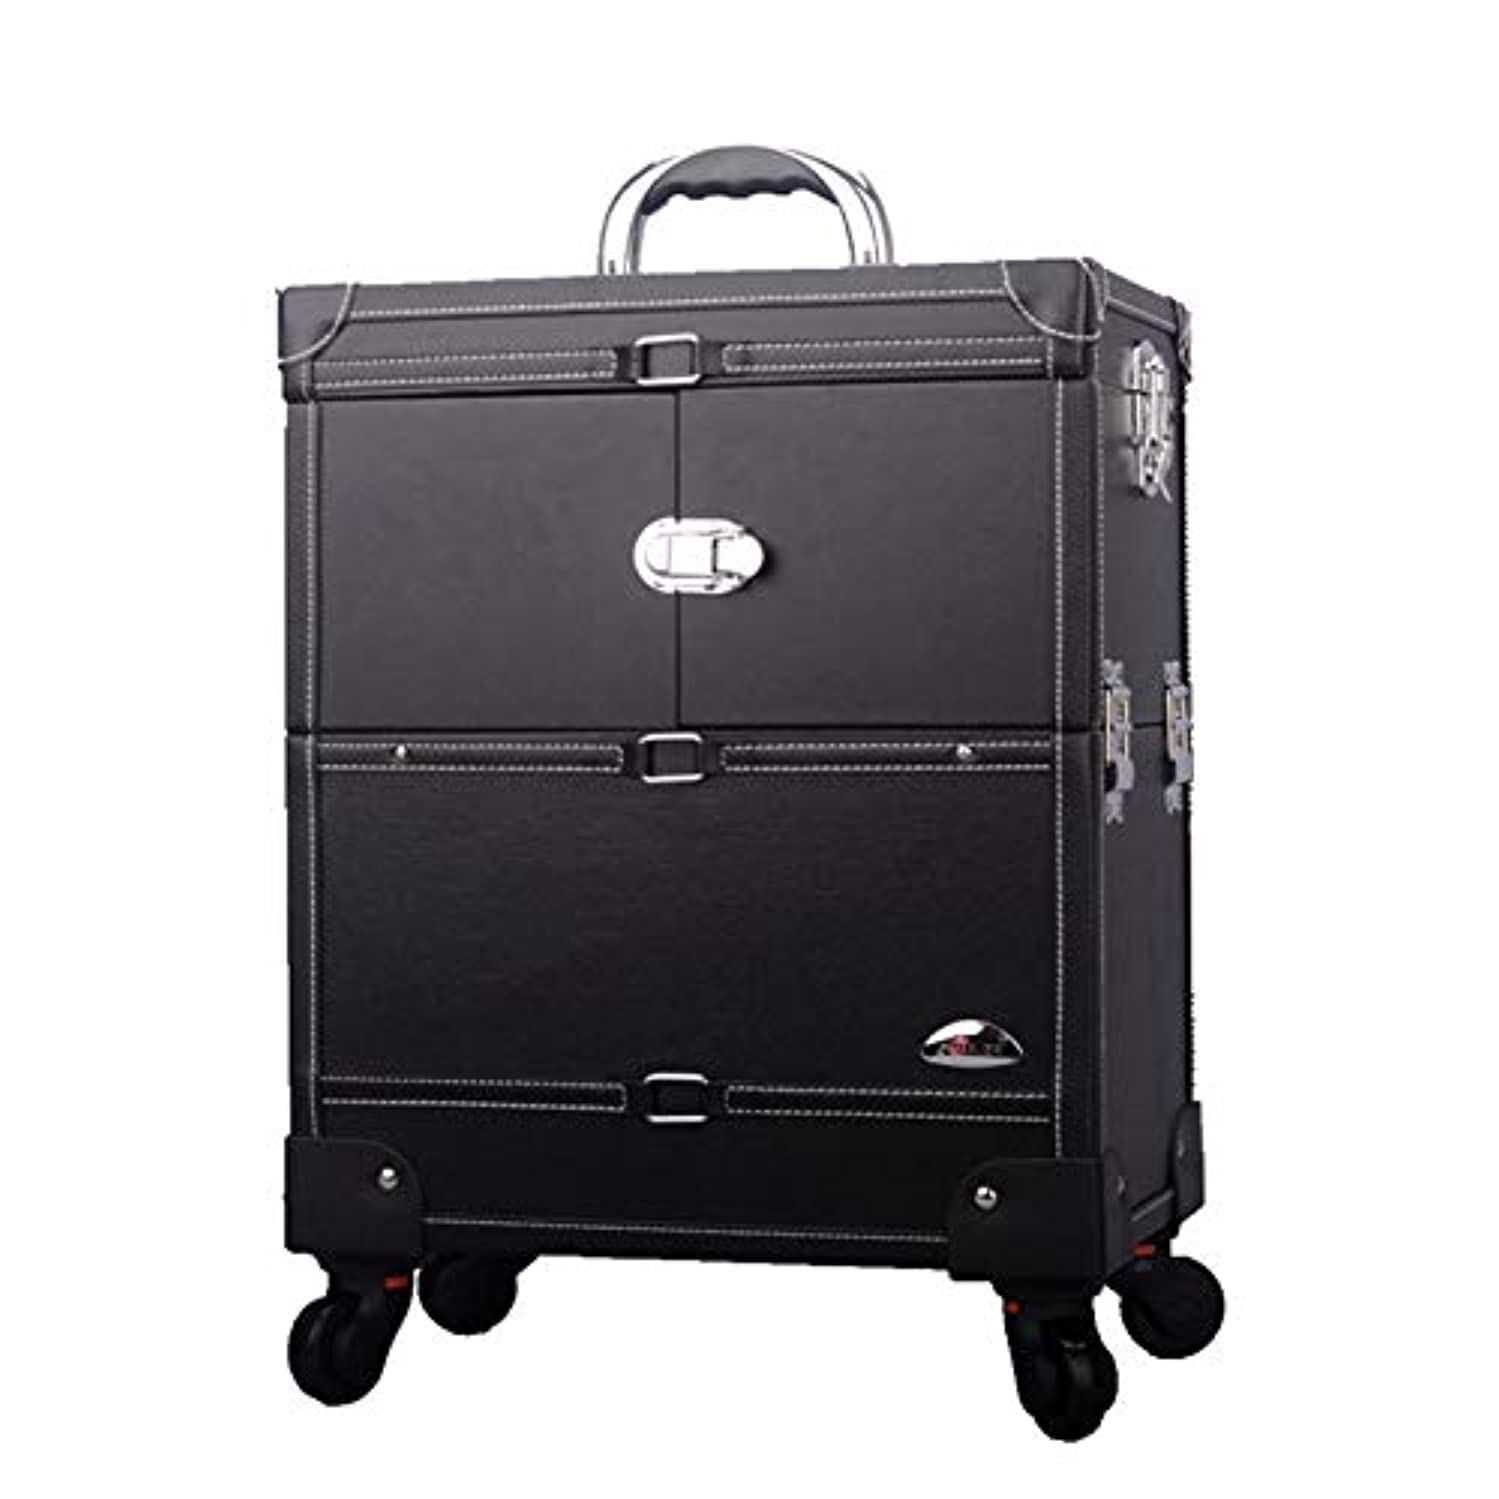 マット復活させる鉛筆プロ専用 美容師 クローゼット スーツケース メイクボックス キャリーバッグ ヘアメイク プロ 大容量 軽量 高品質 多機能 I-JL-3623T-B-T